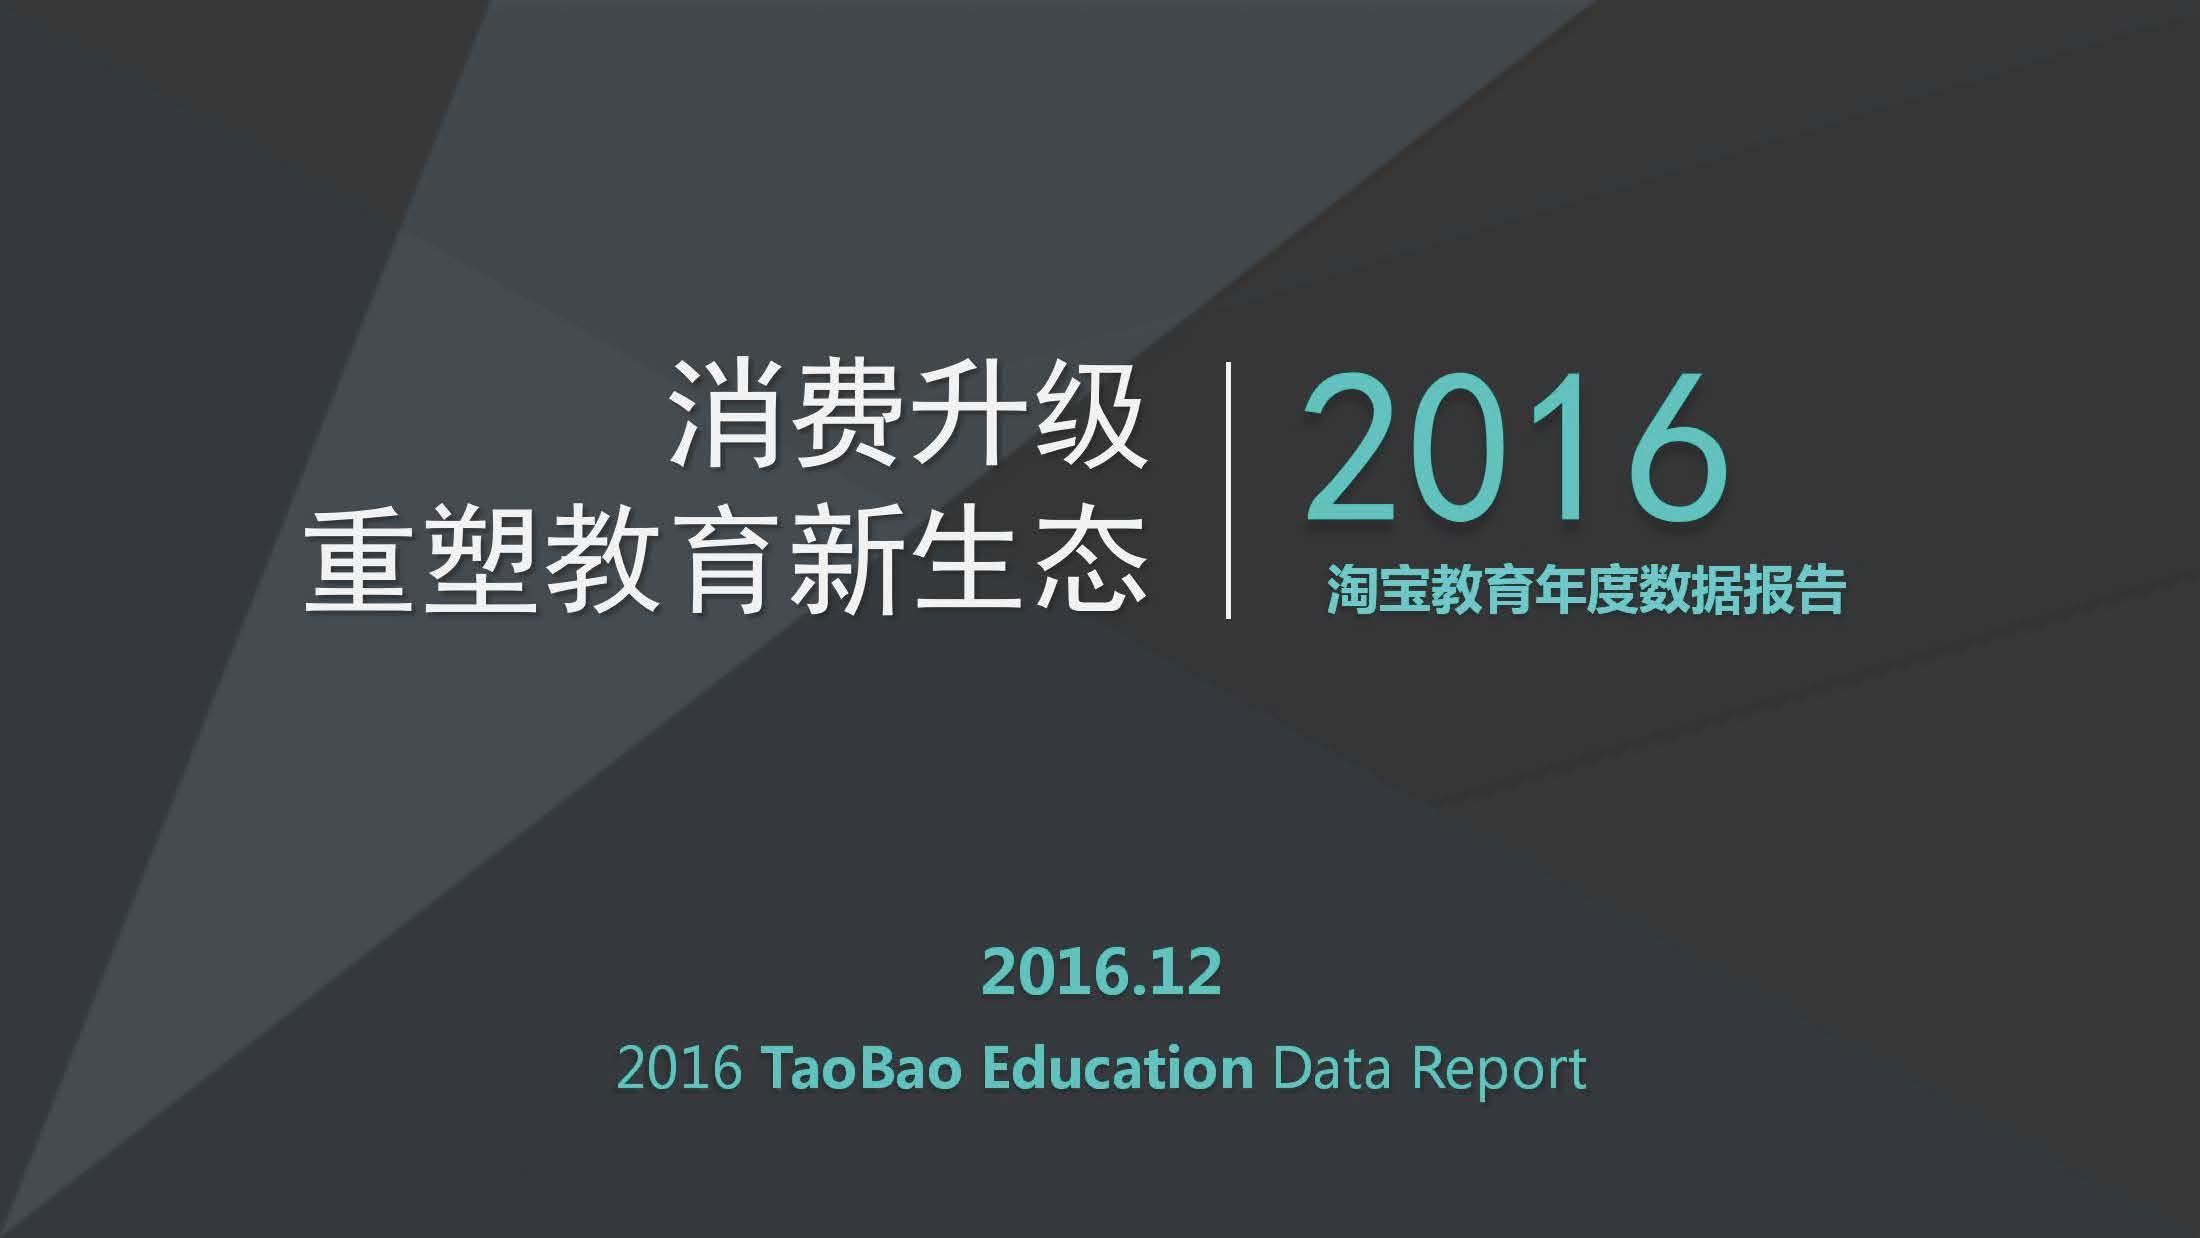 淘宝教育,教育数据,教育报告,必达亚洲,必达,BEED